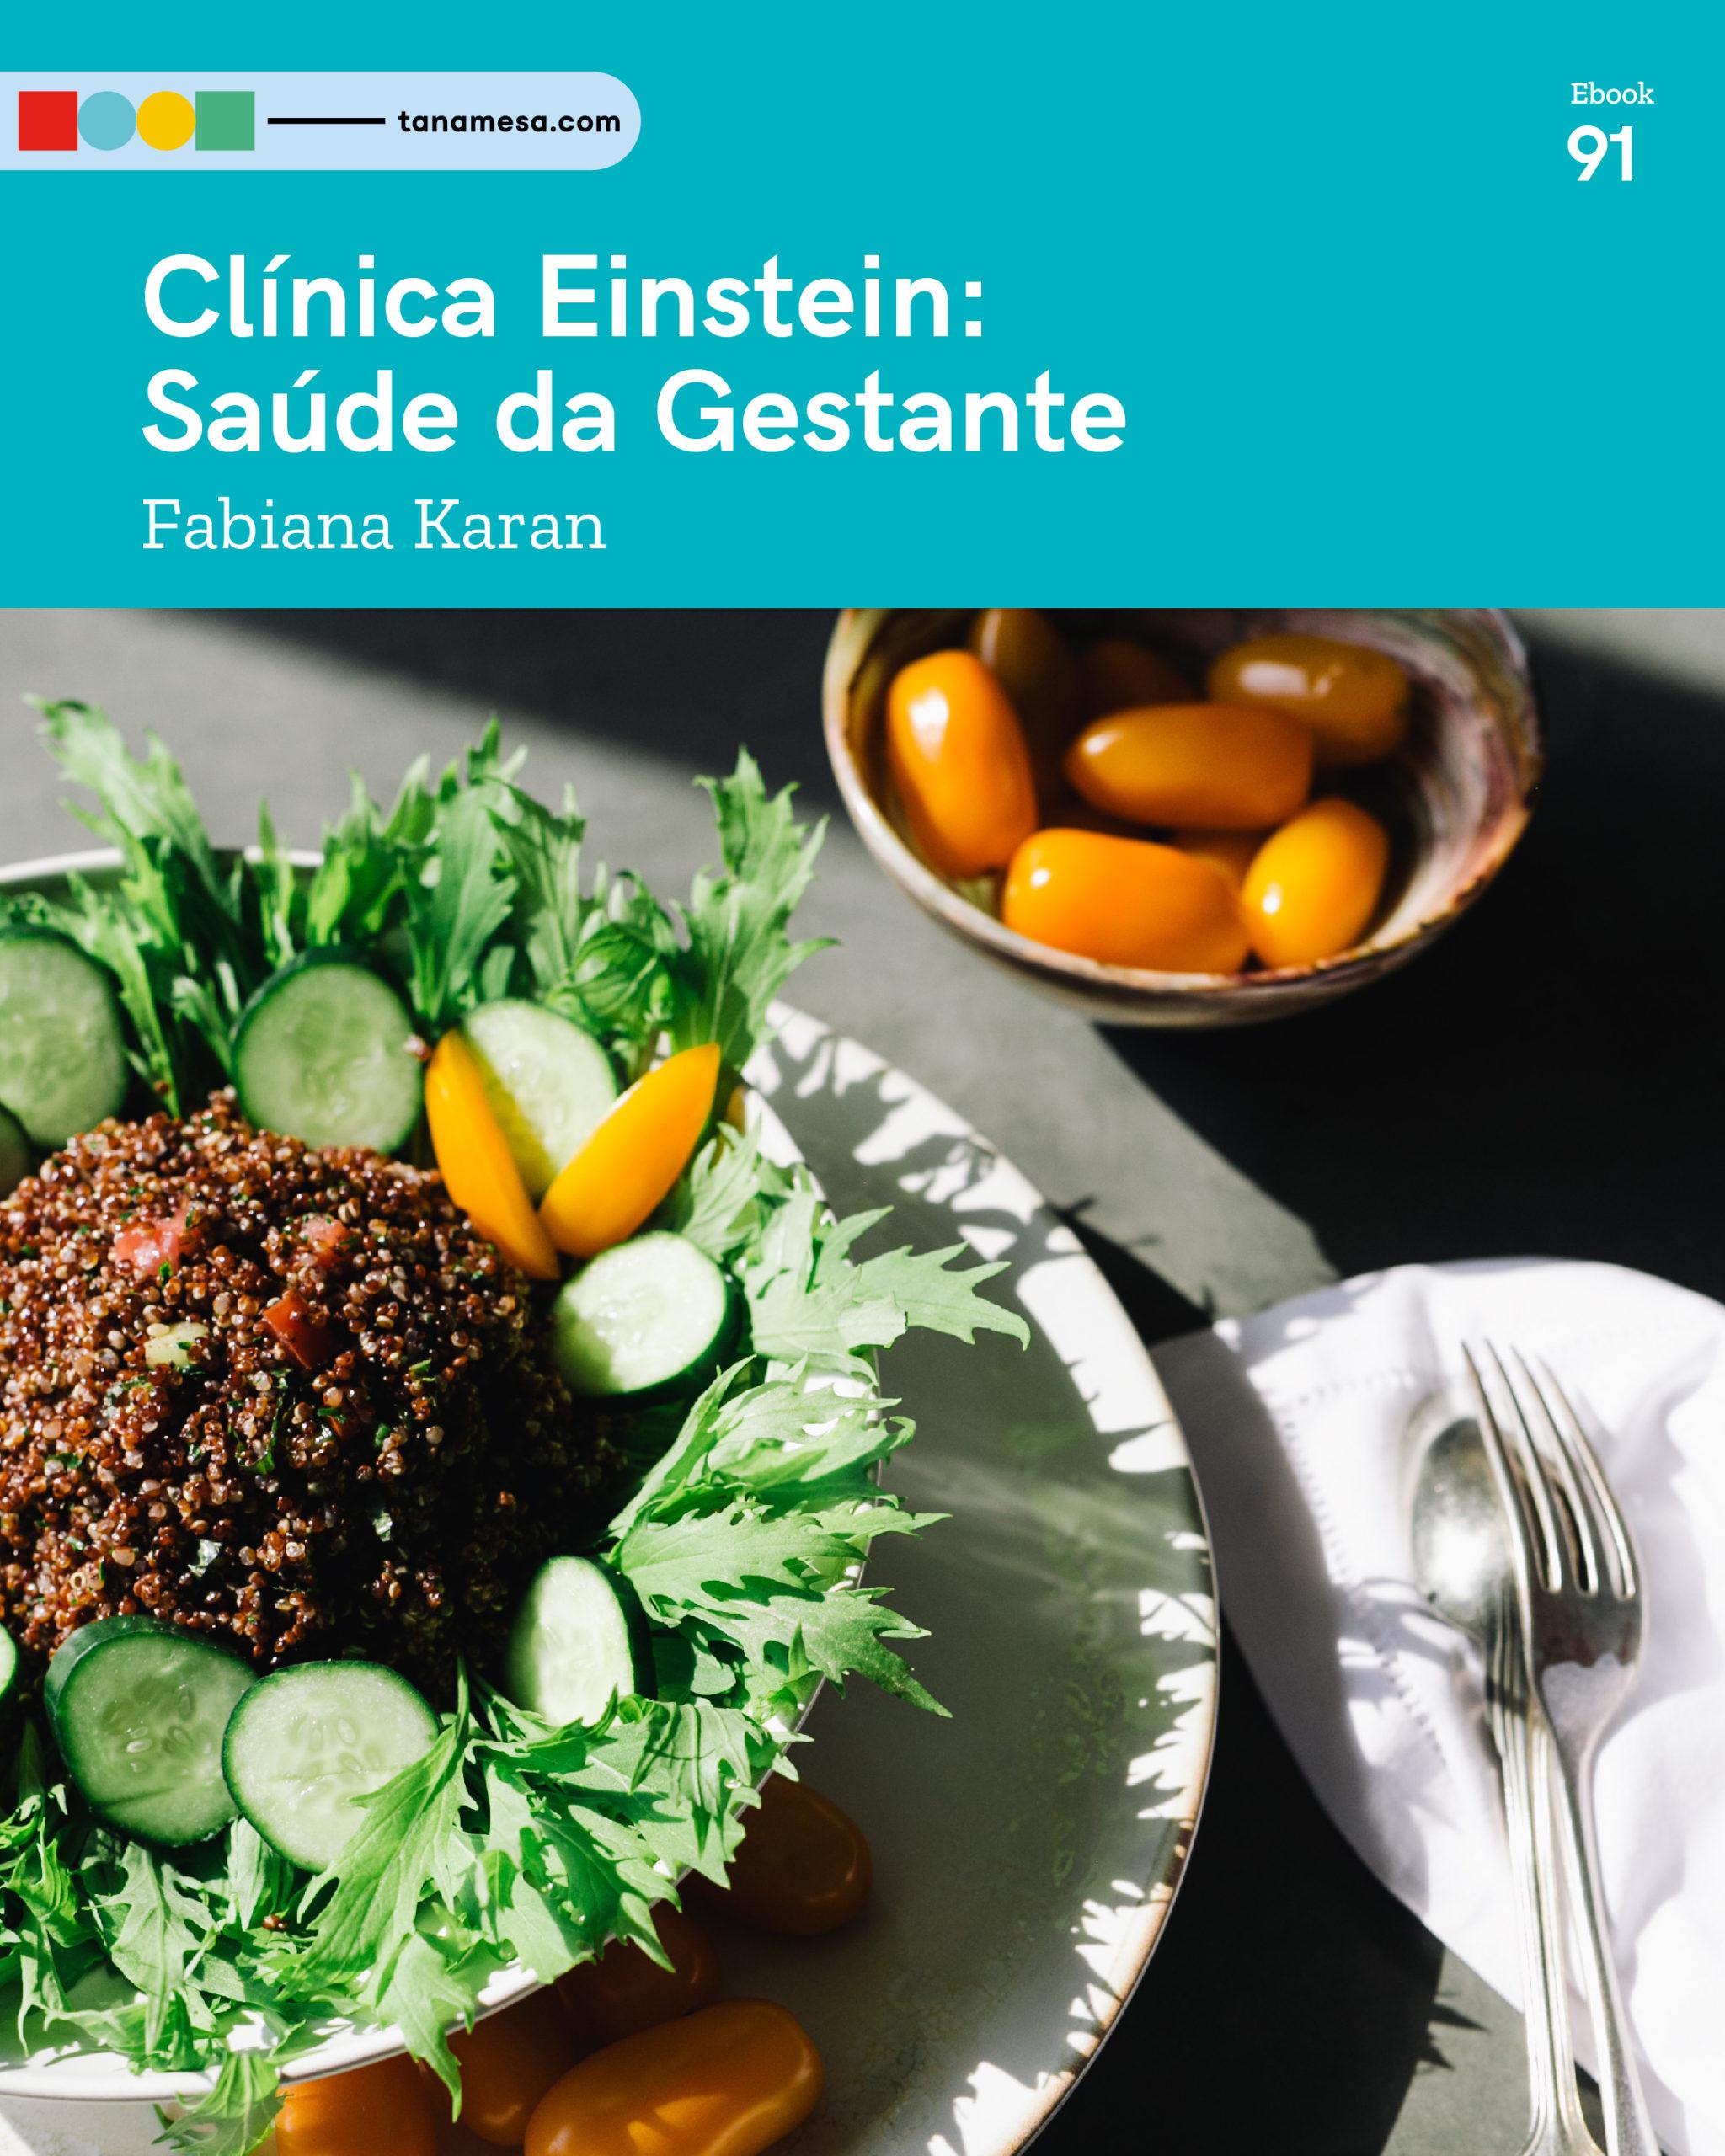 Clínica Einstein: Saúde da Gestante